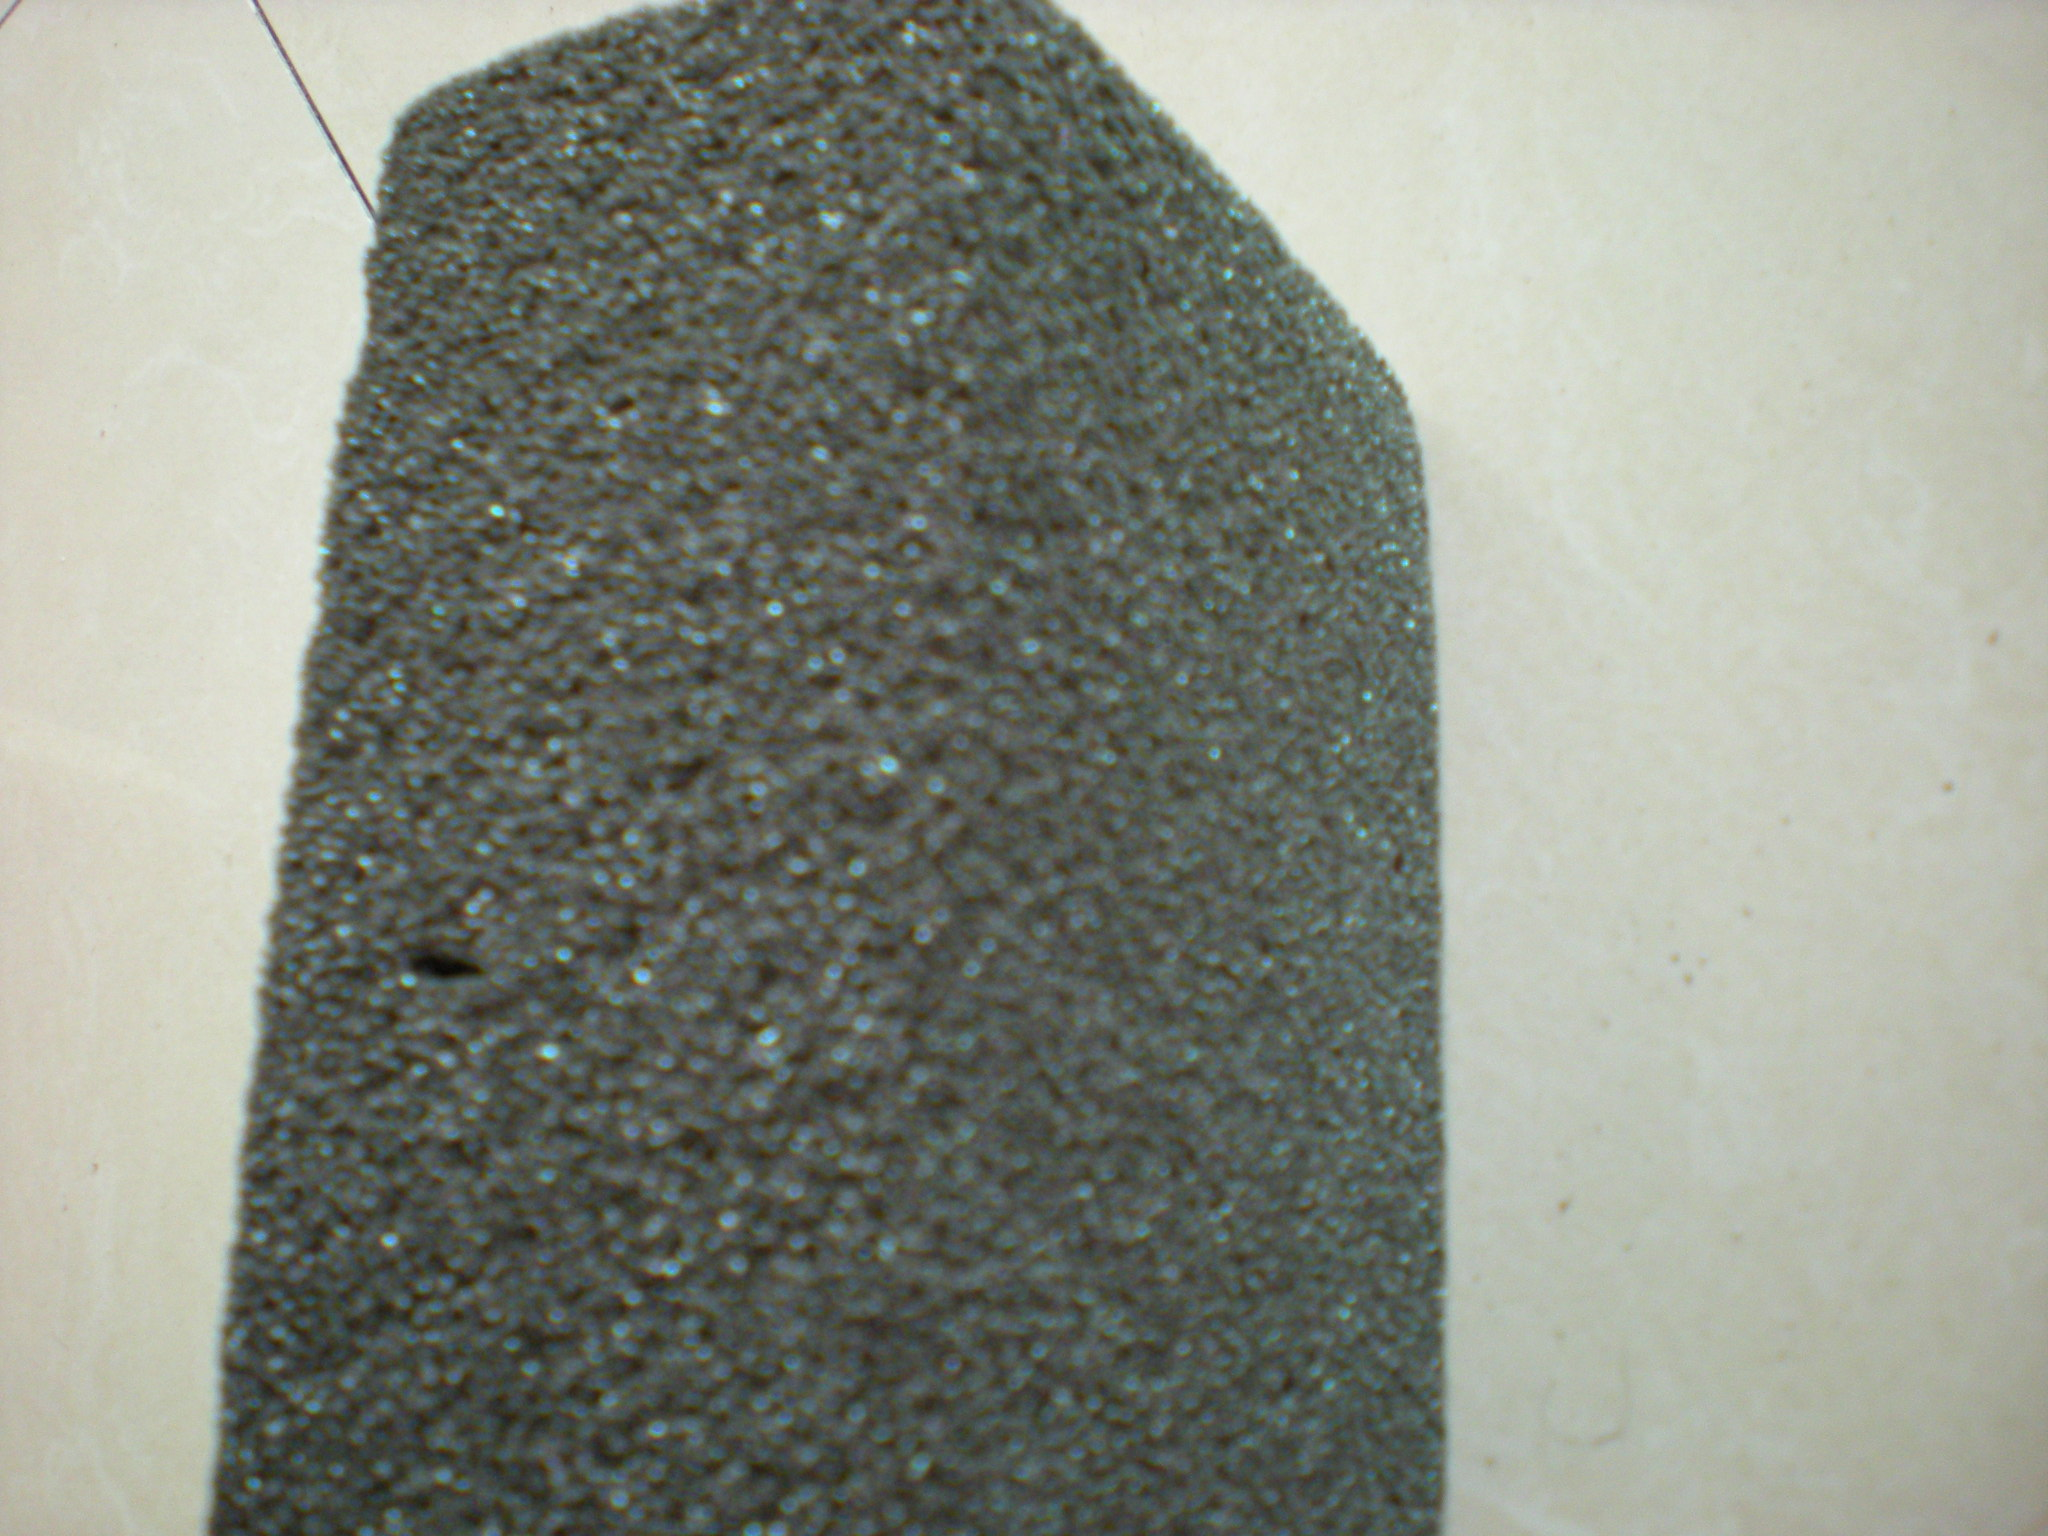 品牌泡沫玻璃保温板(生产厂家) 著名泡沫玻璃保温板(厂家)